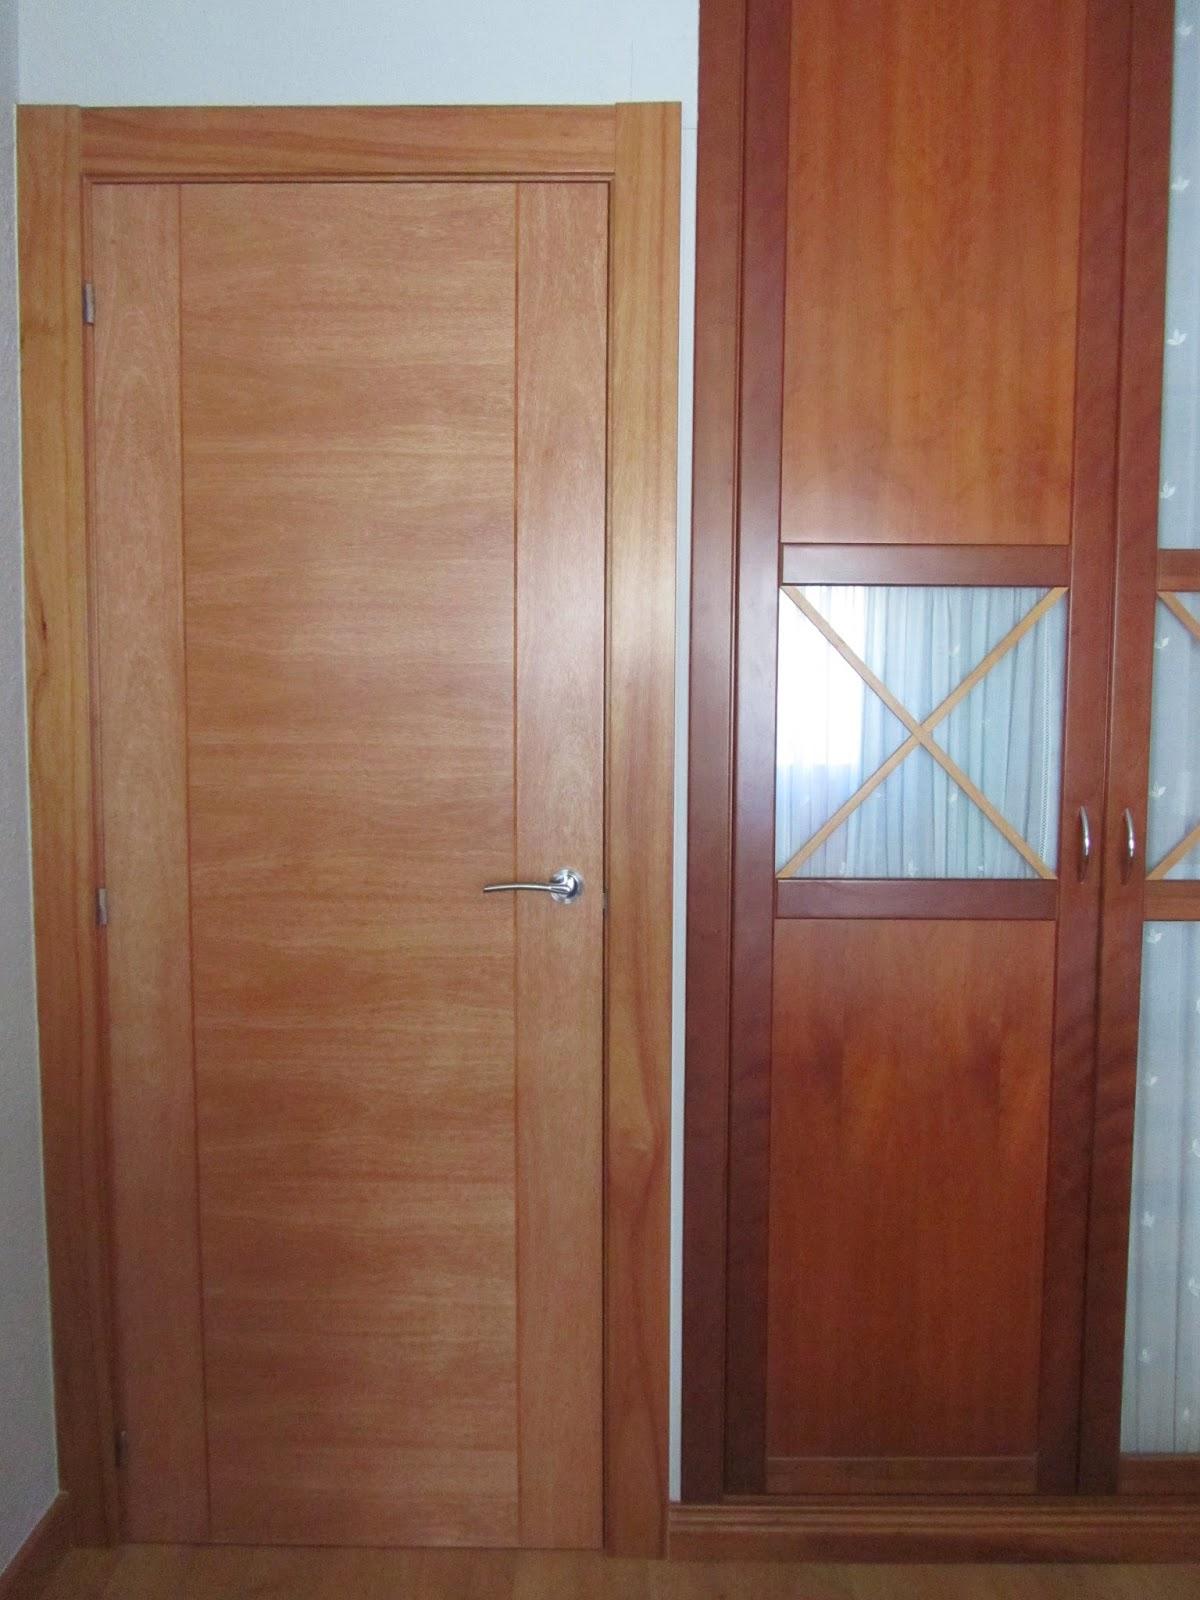 Puertas lozano reforma cambio de puertas de interior - Cambio de puertas ...